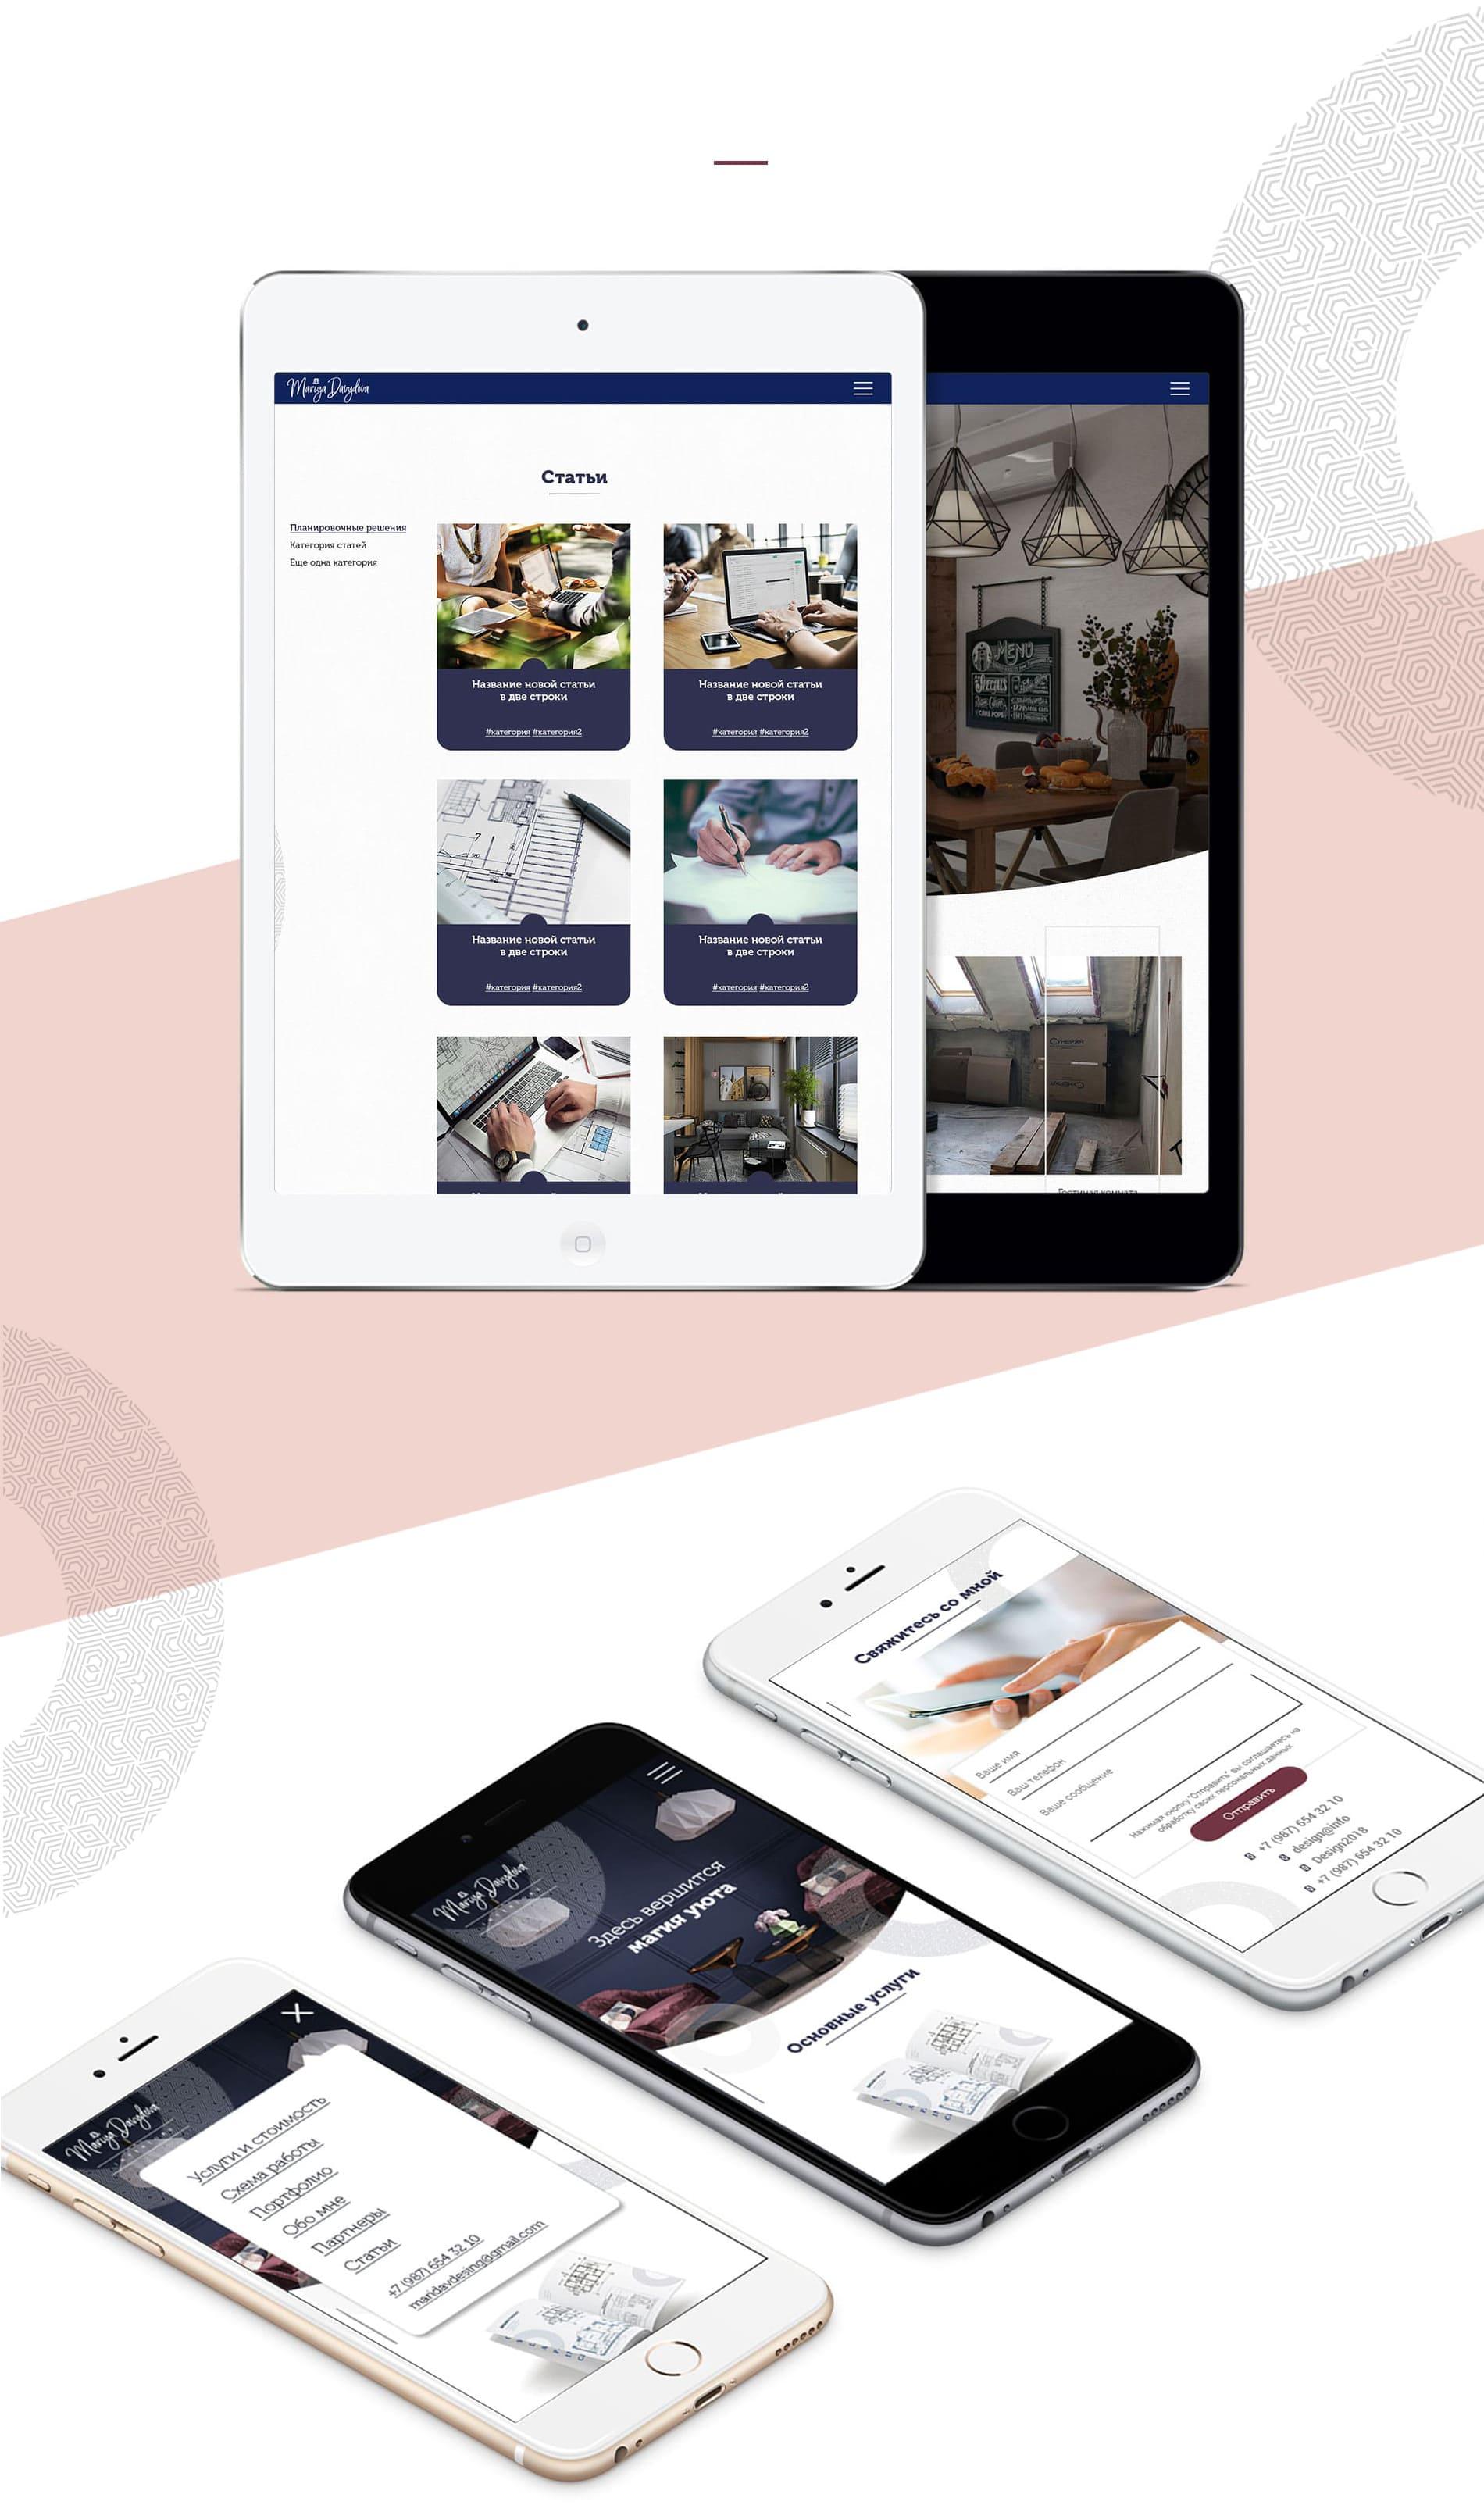 Совздание современного сайта портфолио для дизайнера - адаптив в дизайне